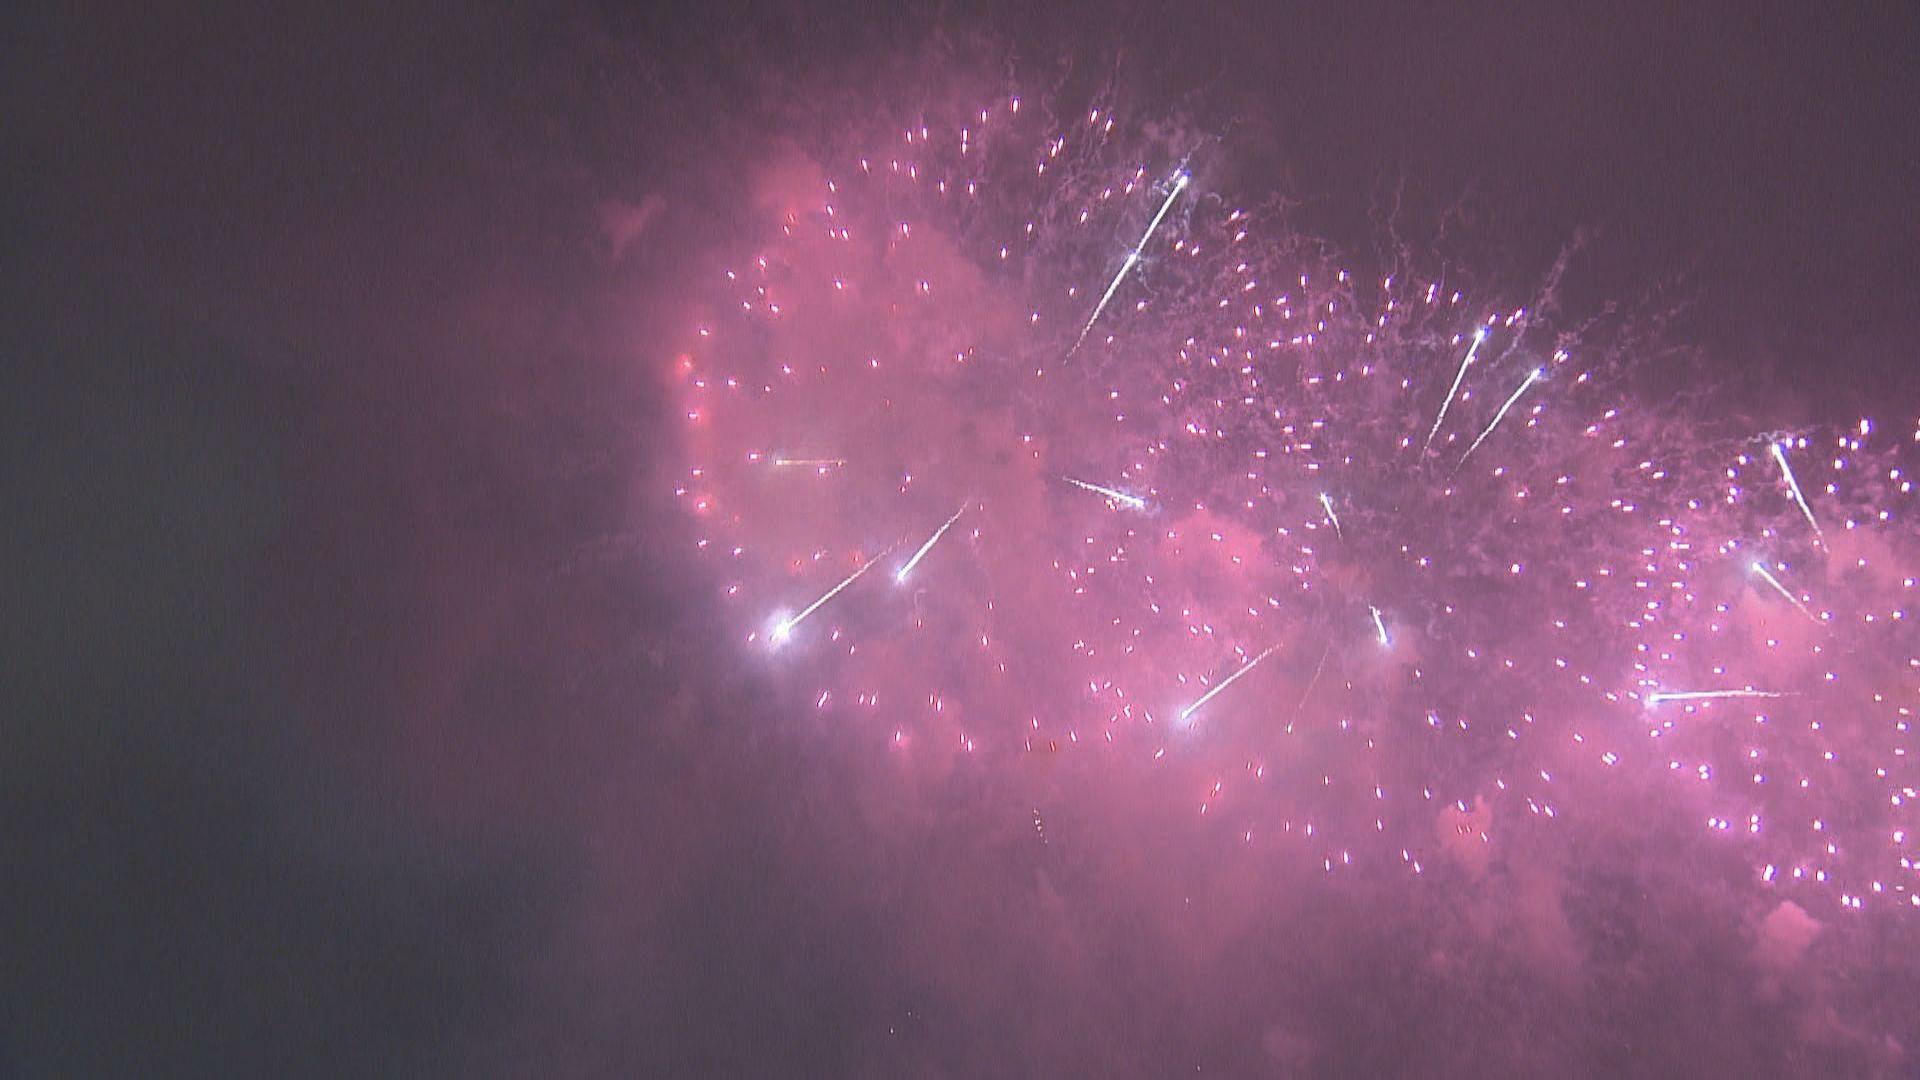 康文署連續兩年取消農曆新年煙花匯演